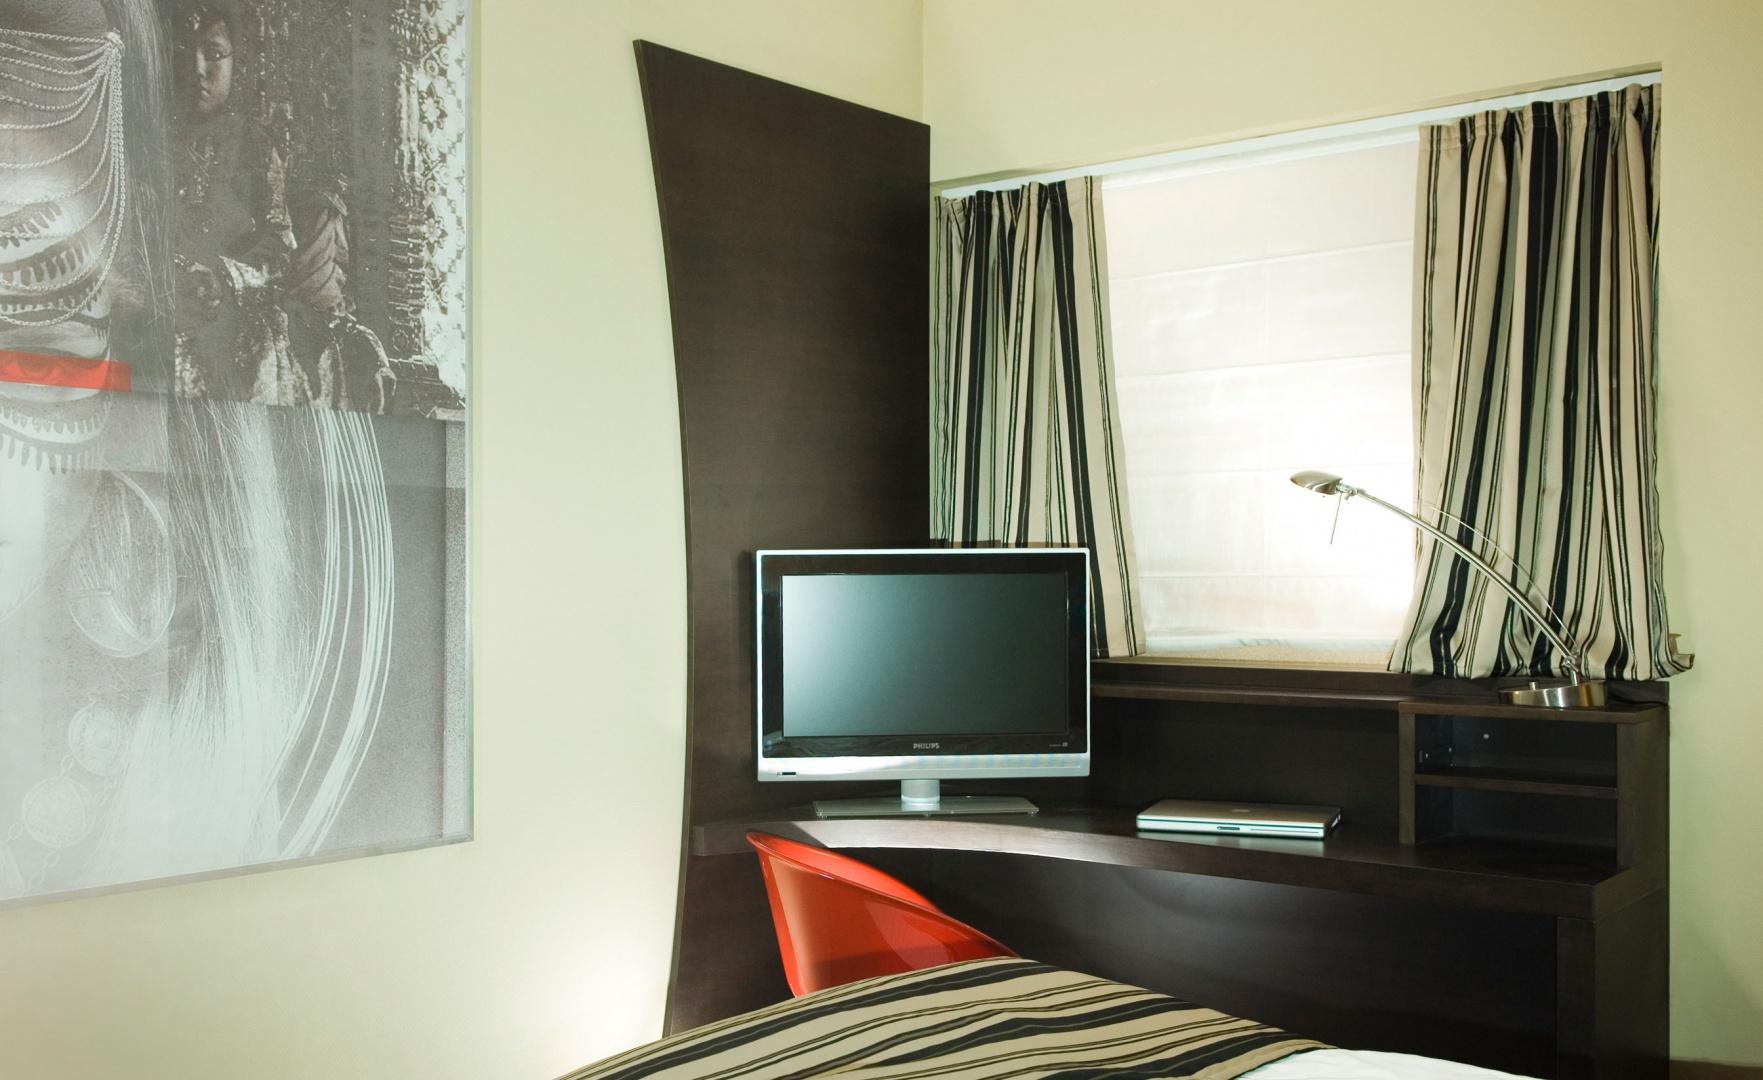 Hotel Soho